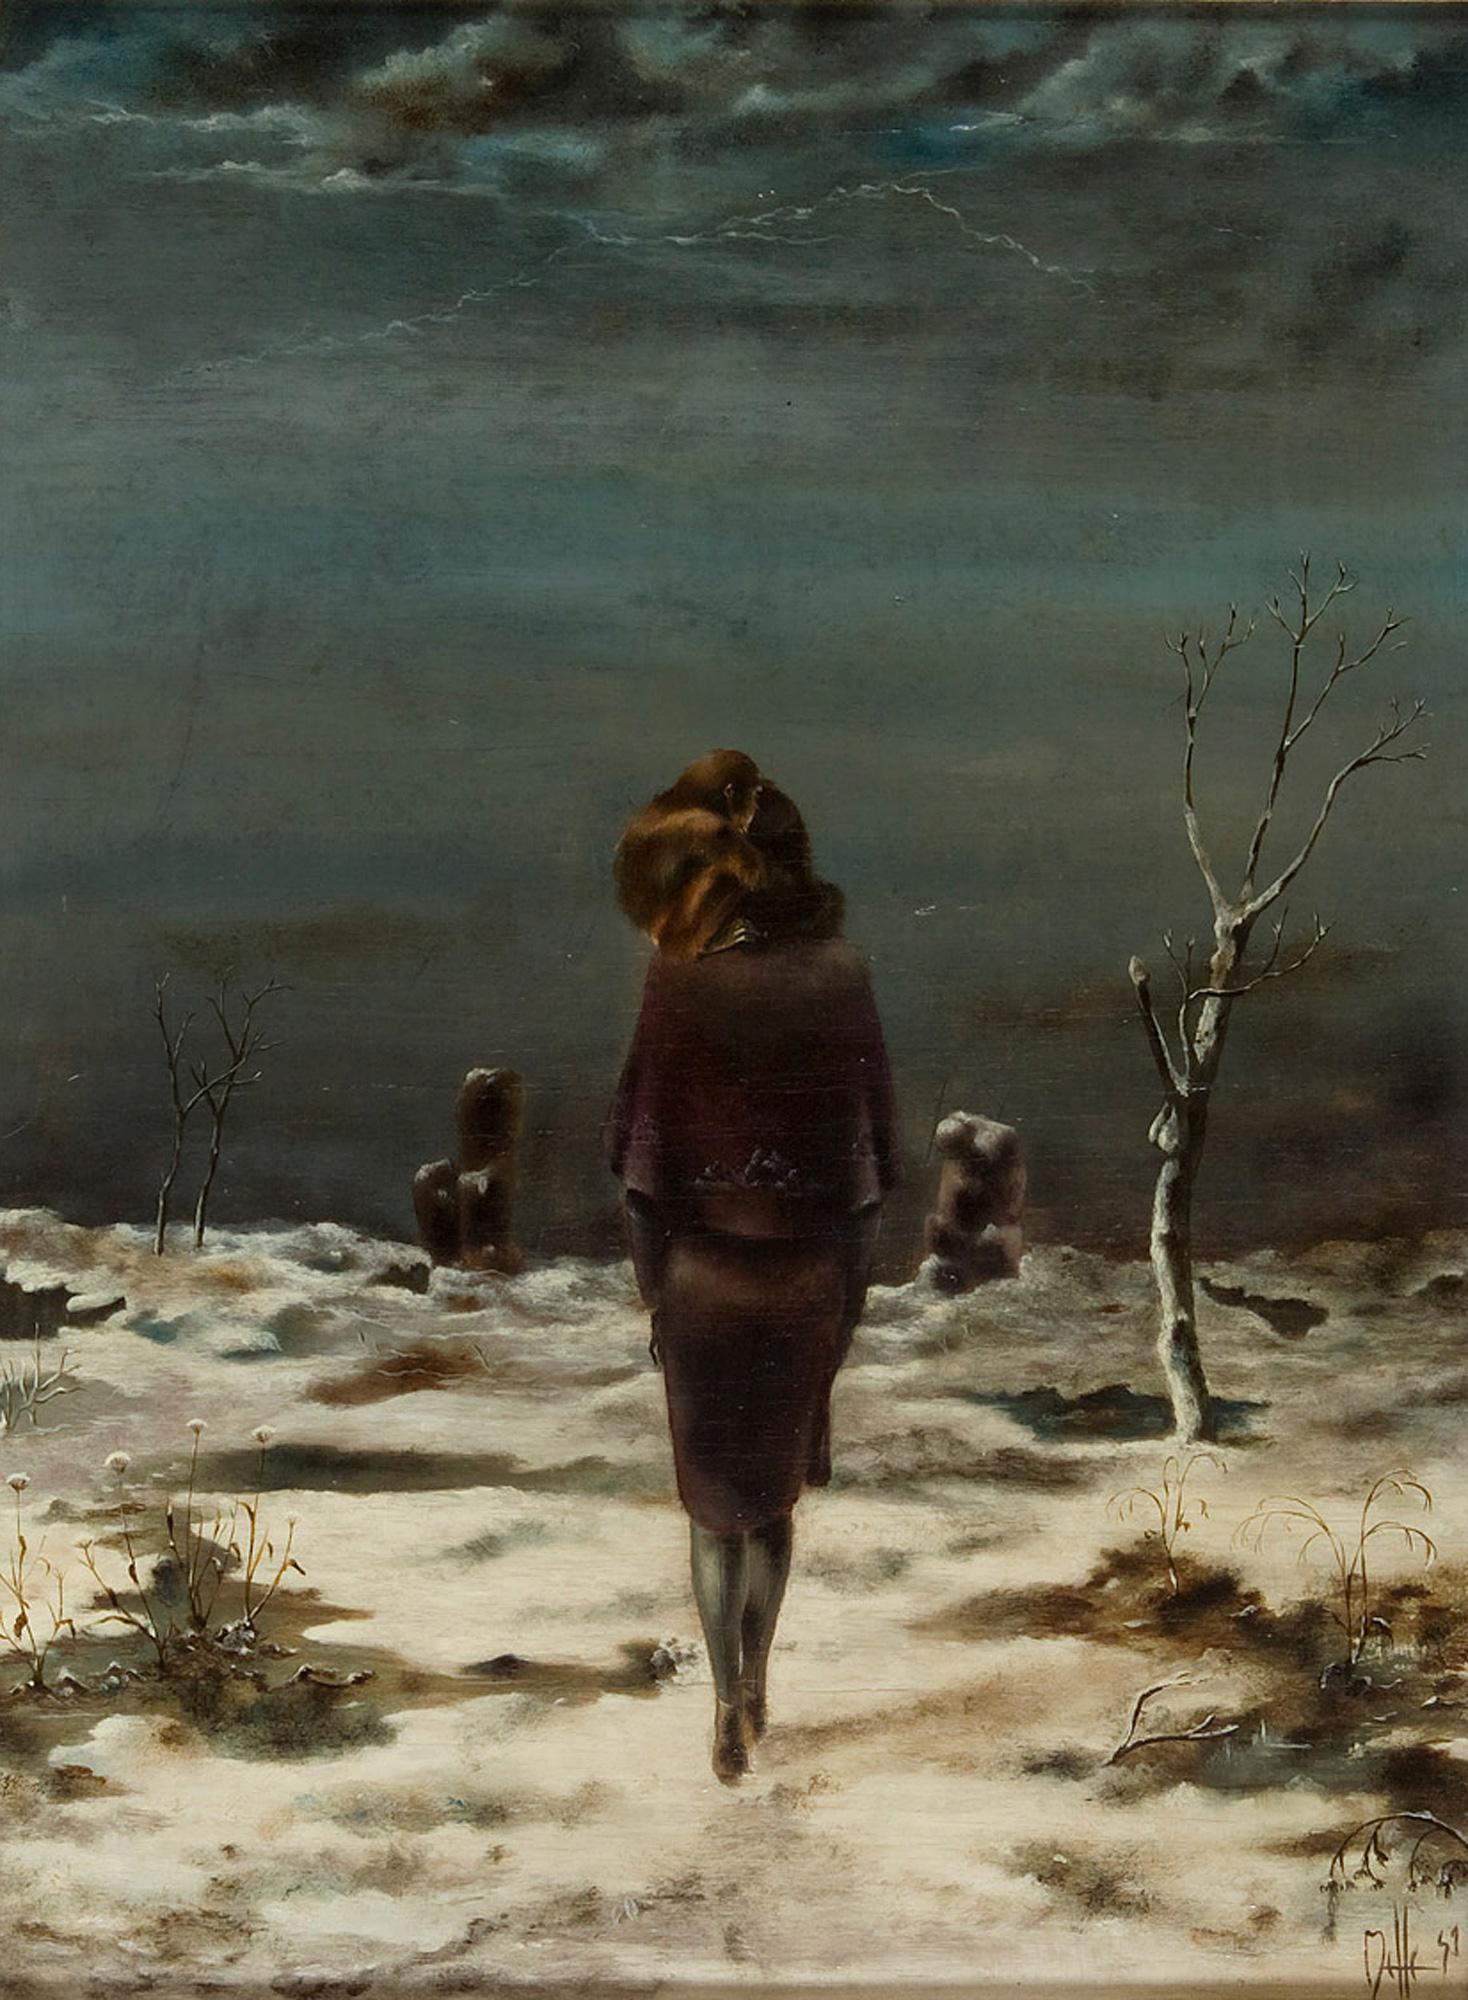 Melle schilder | Sneeuwlandschap, olieverf op paneel